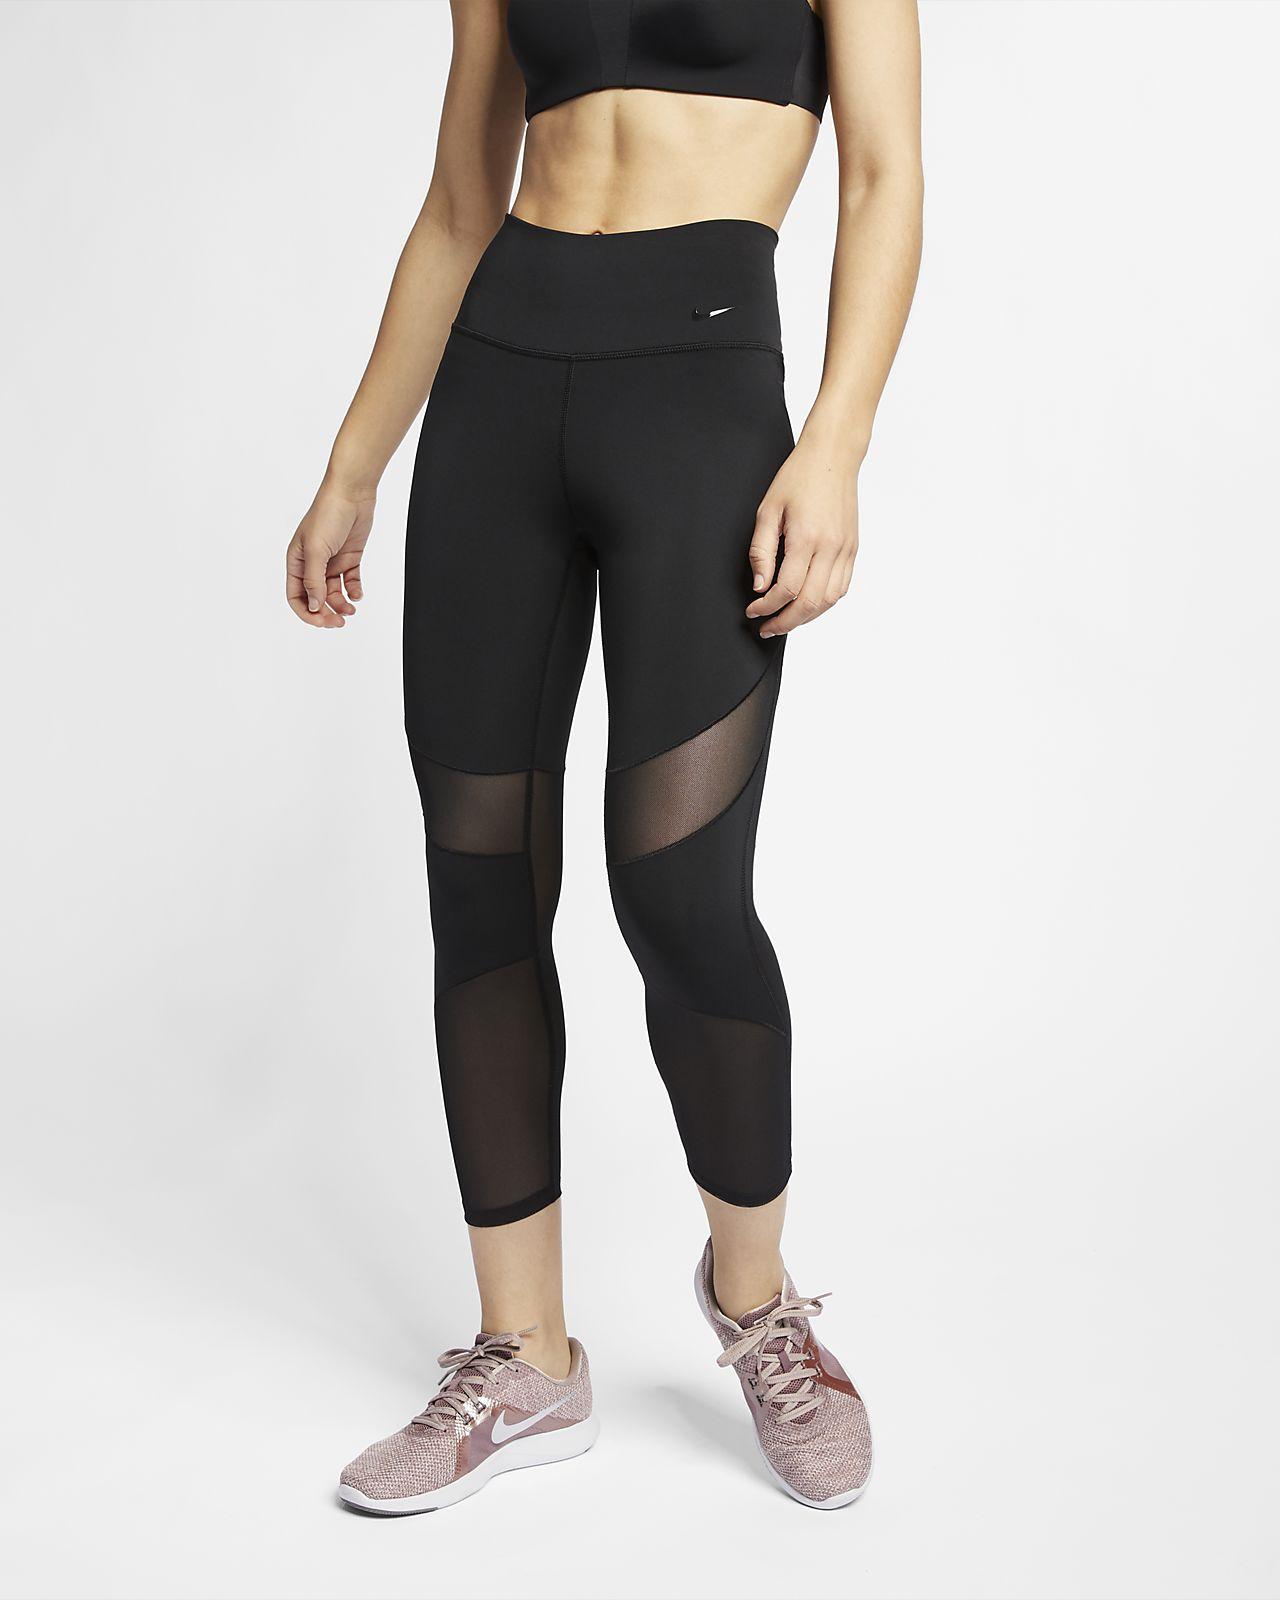 Nike Fly Women's Crops